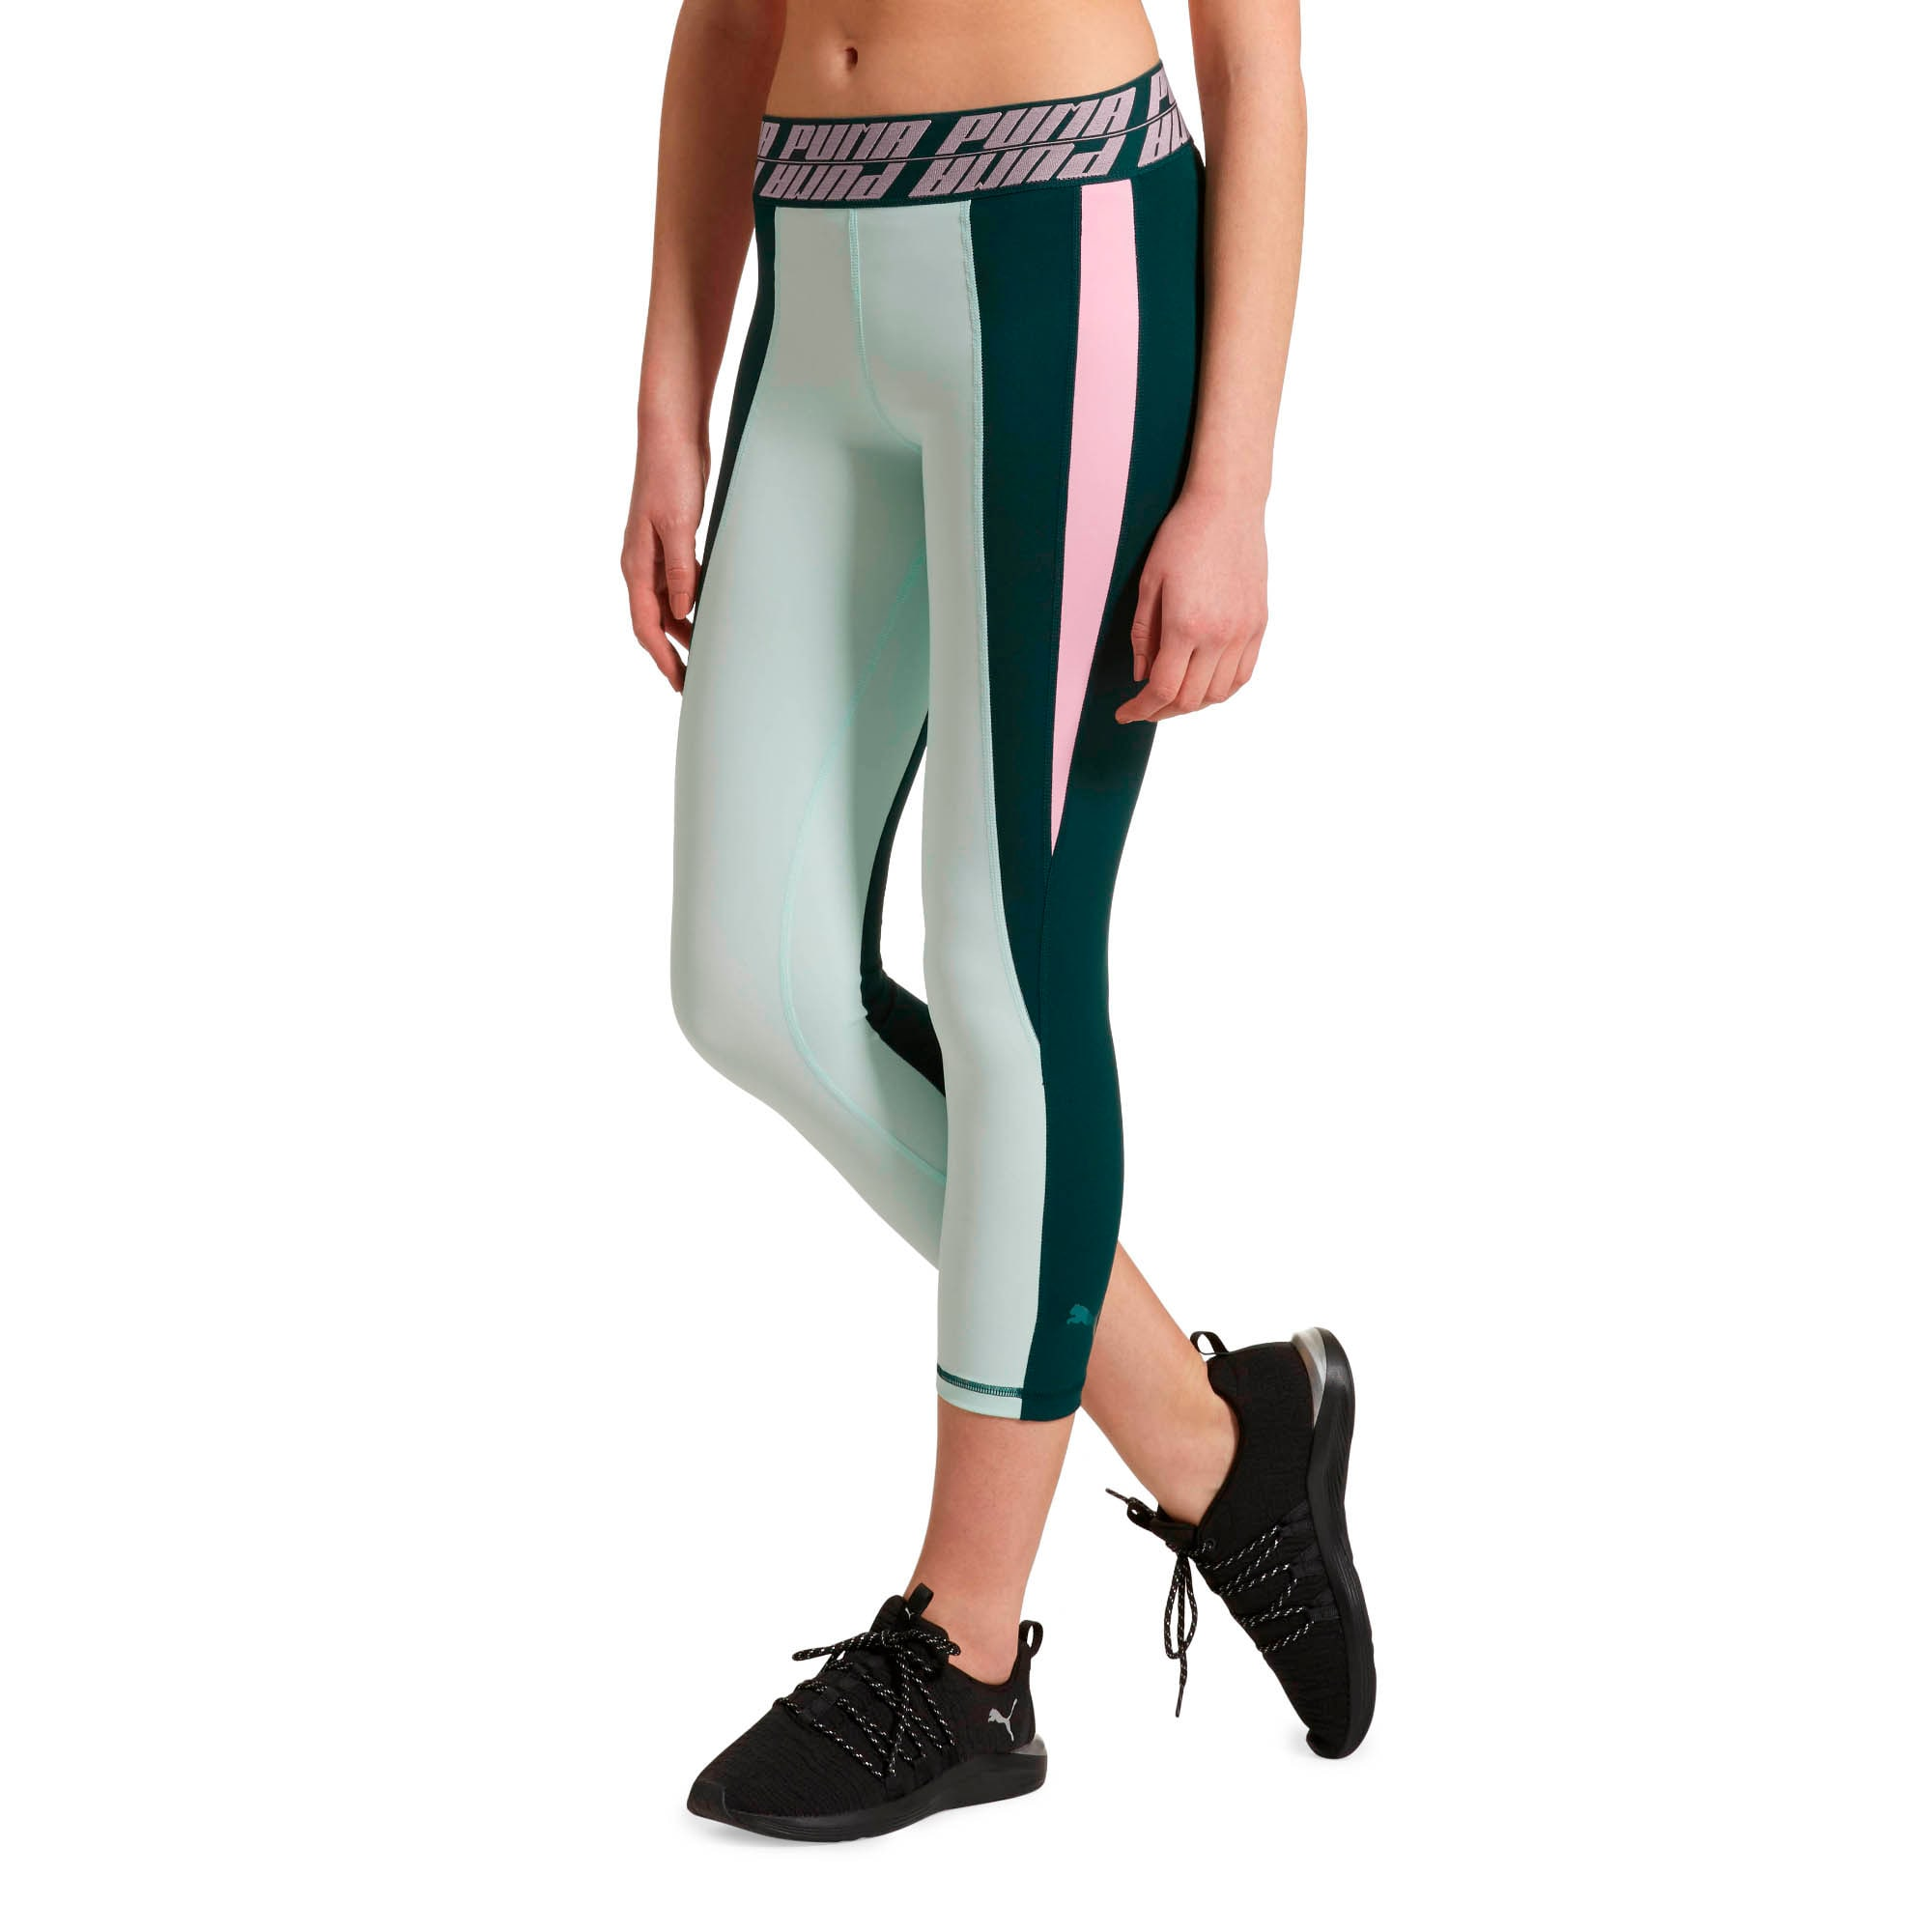 Thumbnail 1 of Own It Women's 3/4 Leggings, Ponderosa Pine-Fair Aqua, medium